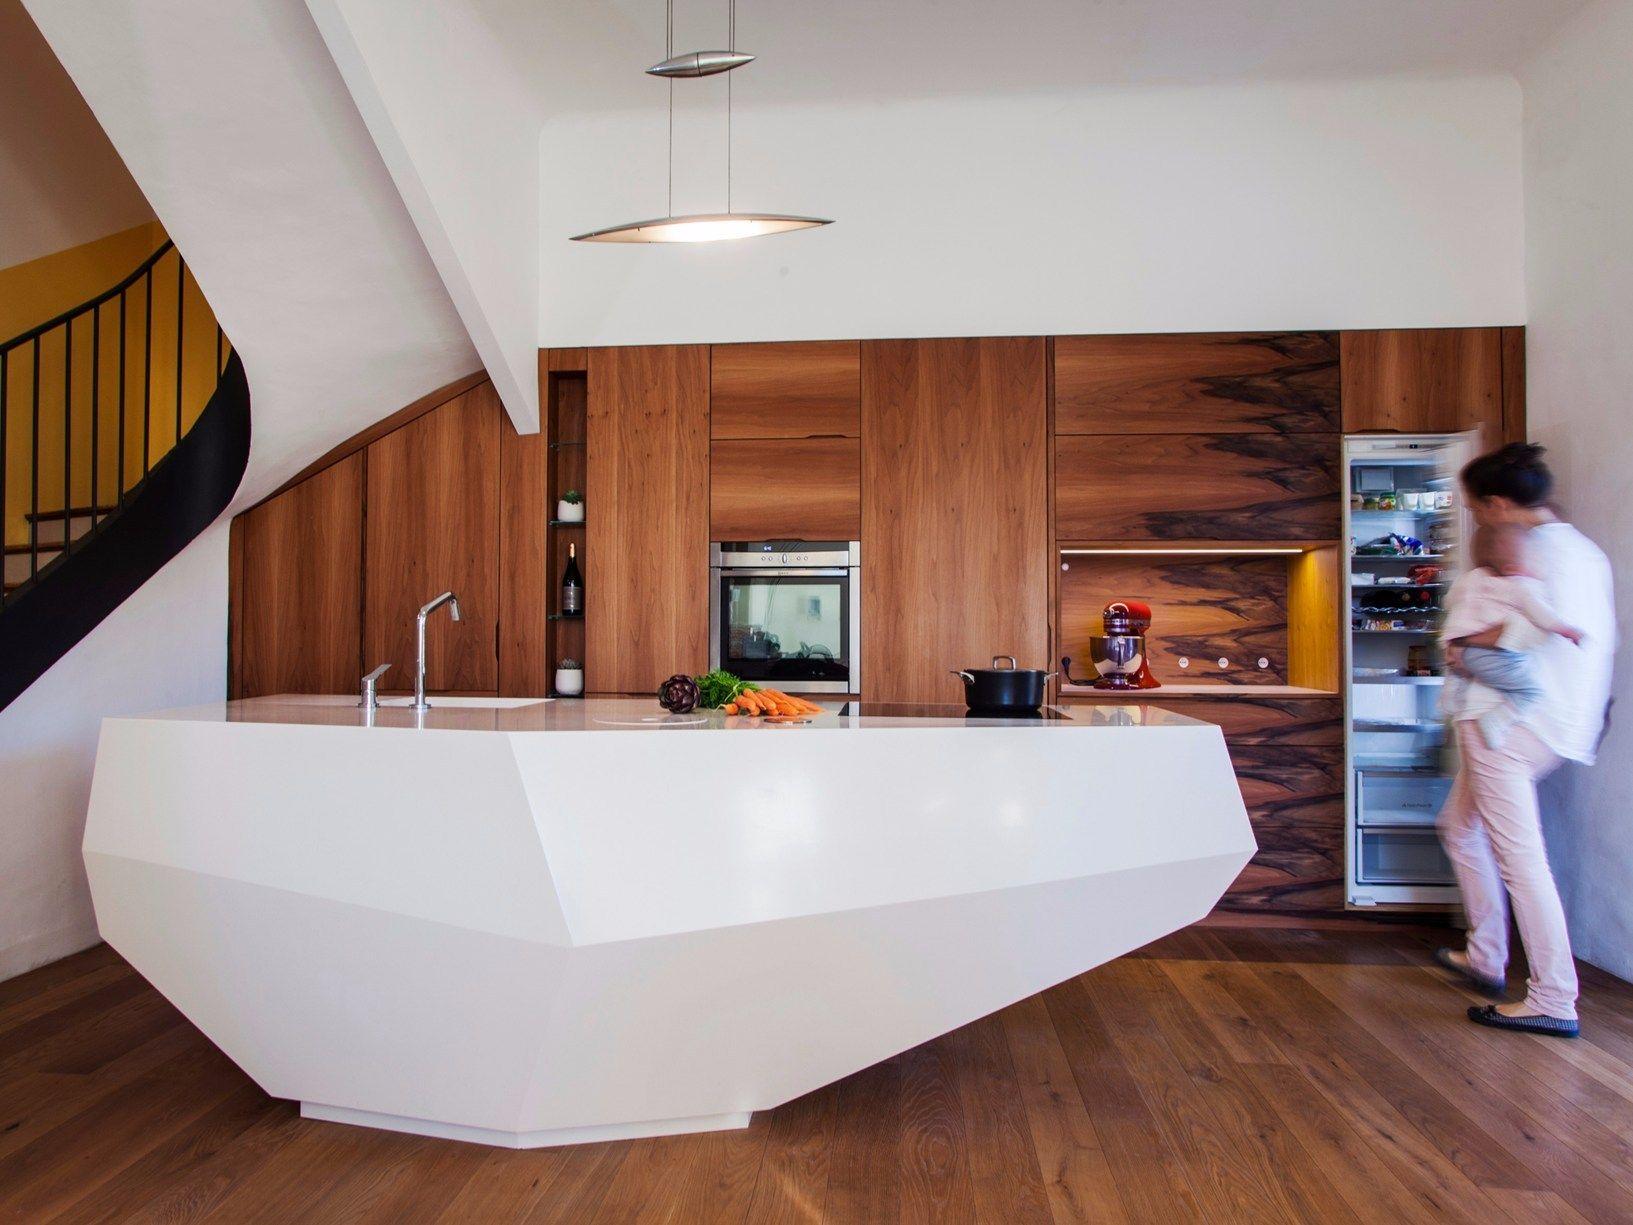 """Le Baou"""": Ein Fels in der Küche – eine außergewöhnliche Kochinsel ..."""